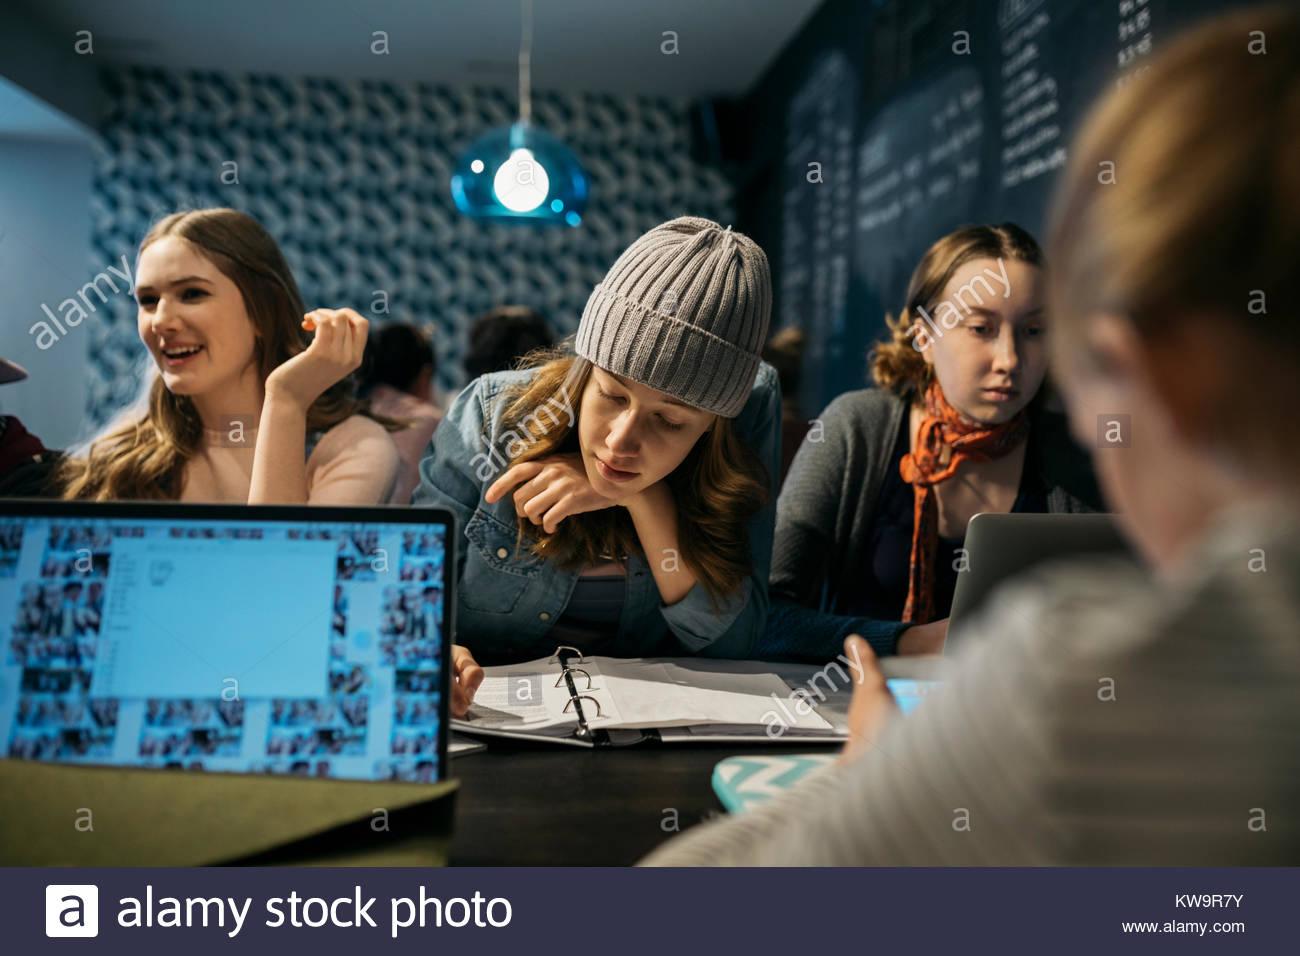 Mädchen High School Studenten studieren in Cafe Stockbild